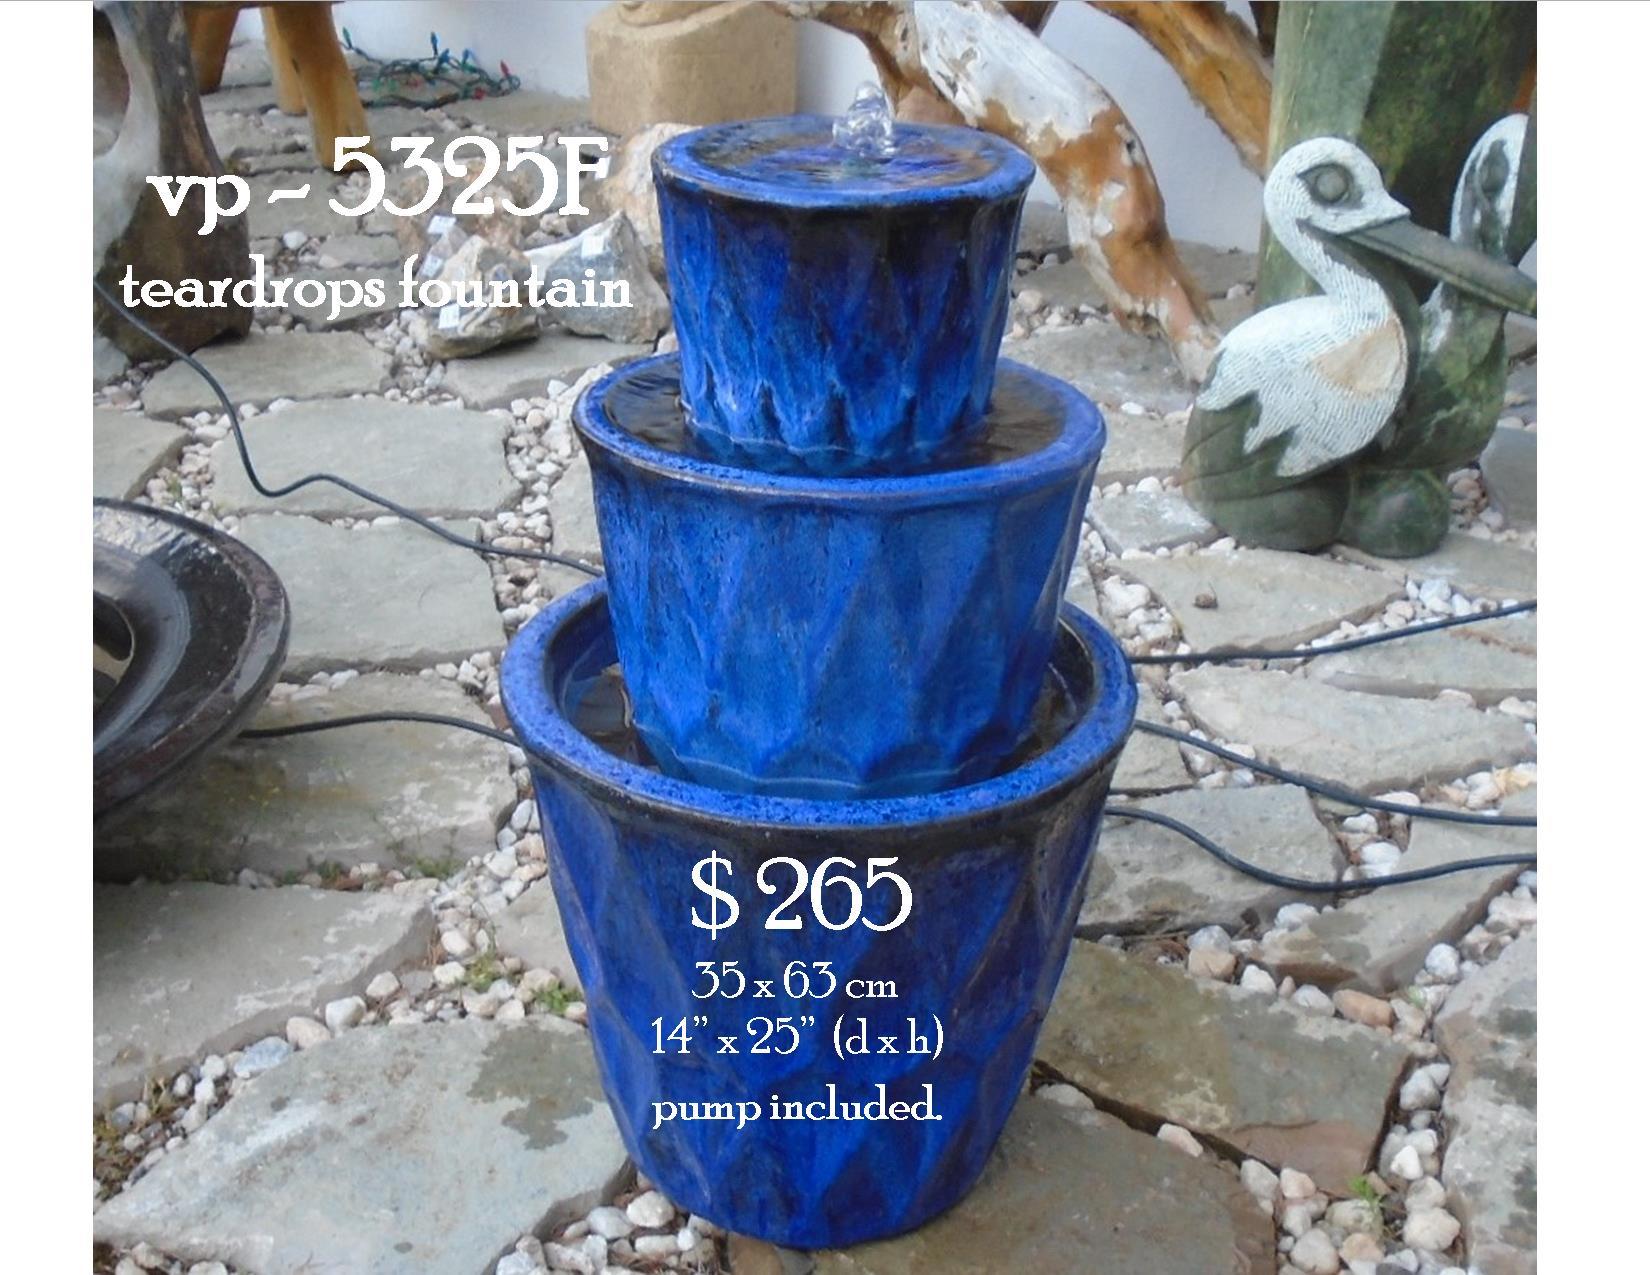 vp - 5325F teardrops fountain